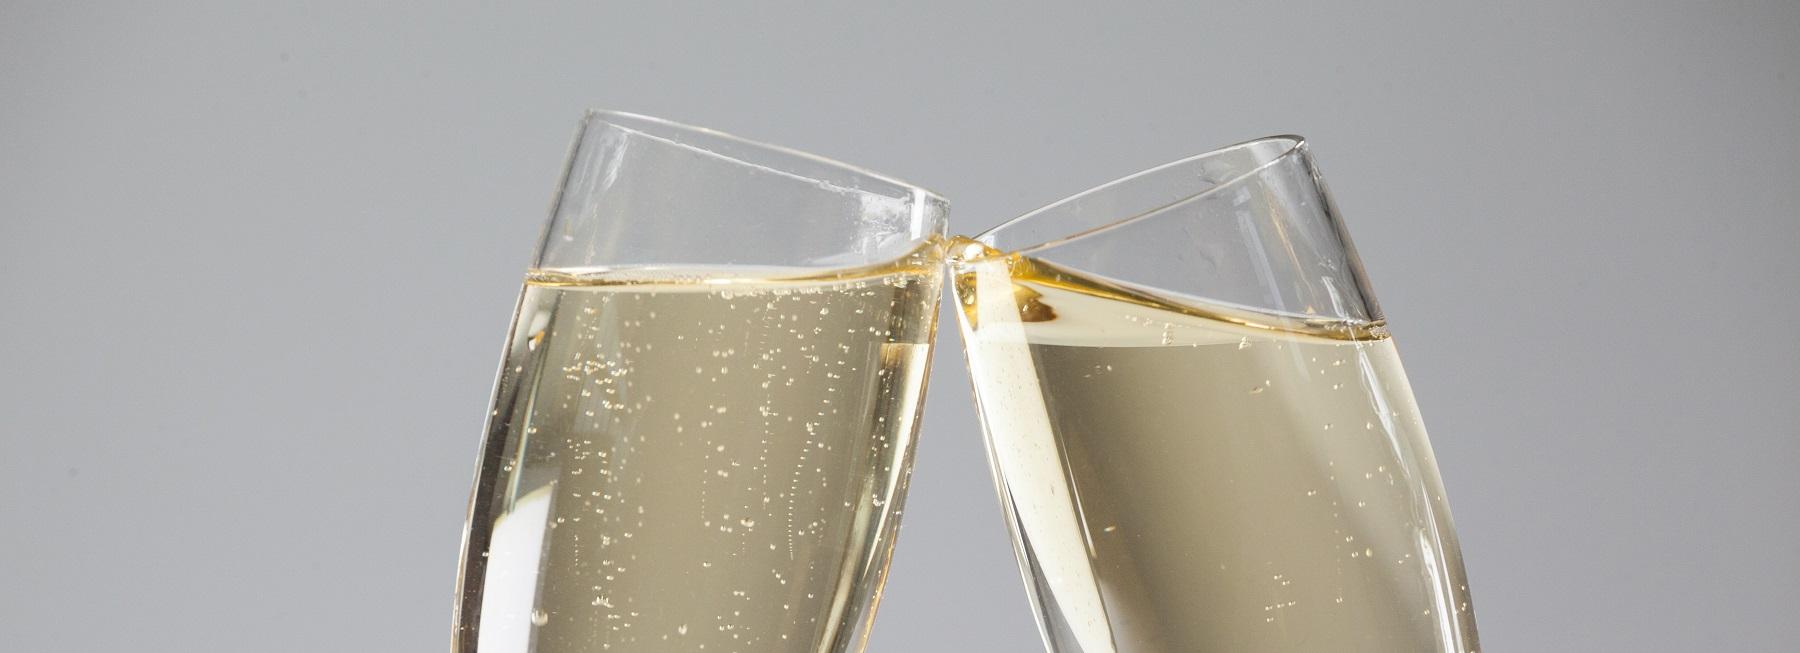 Le champagne français sera désormais un vin pétillant en Russie